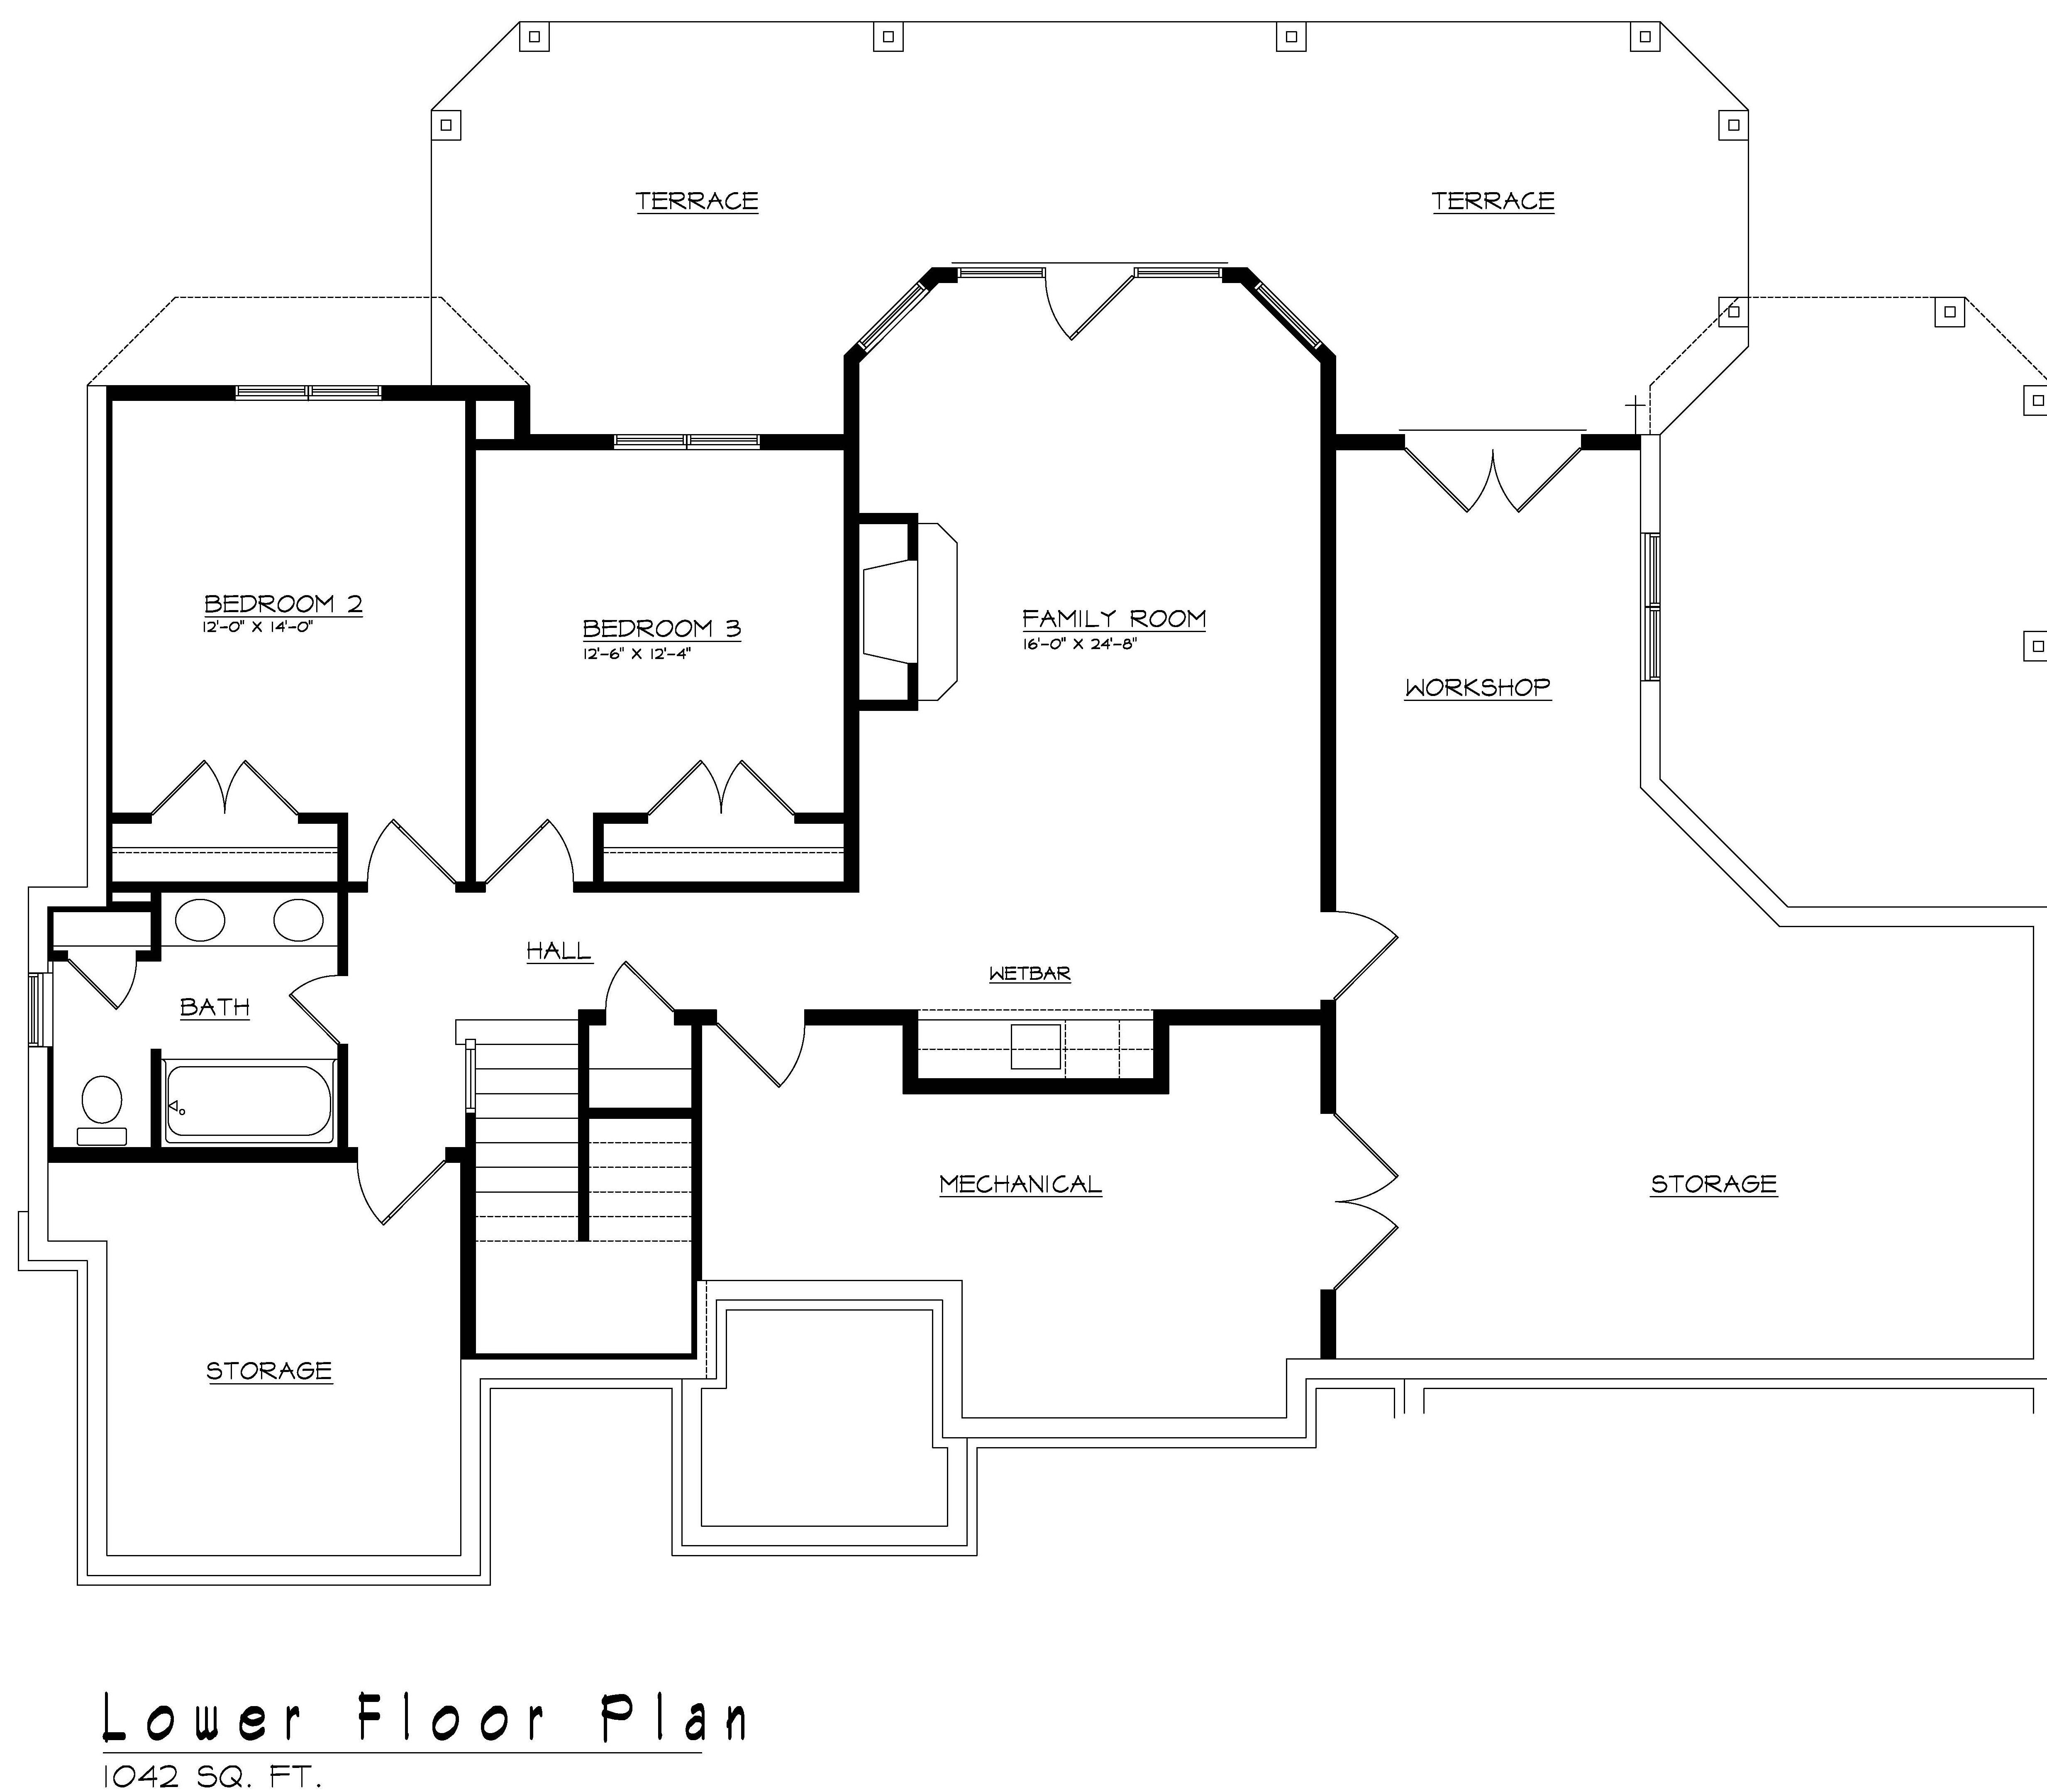 rblot1134_lower floor plan